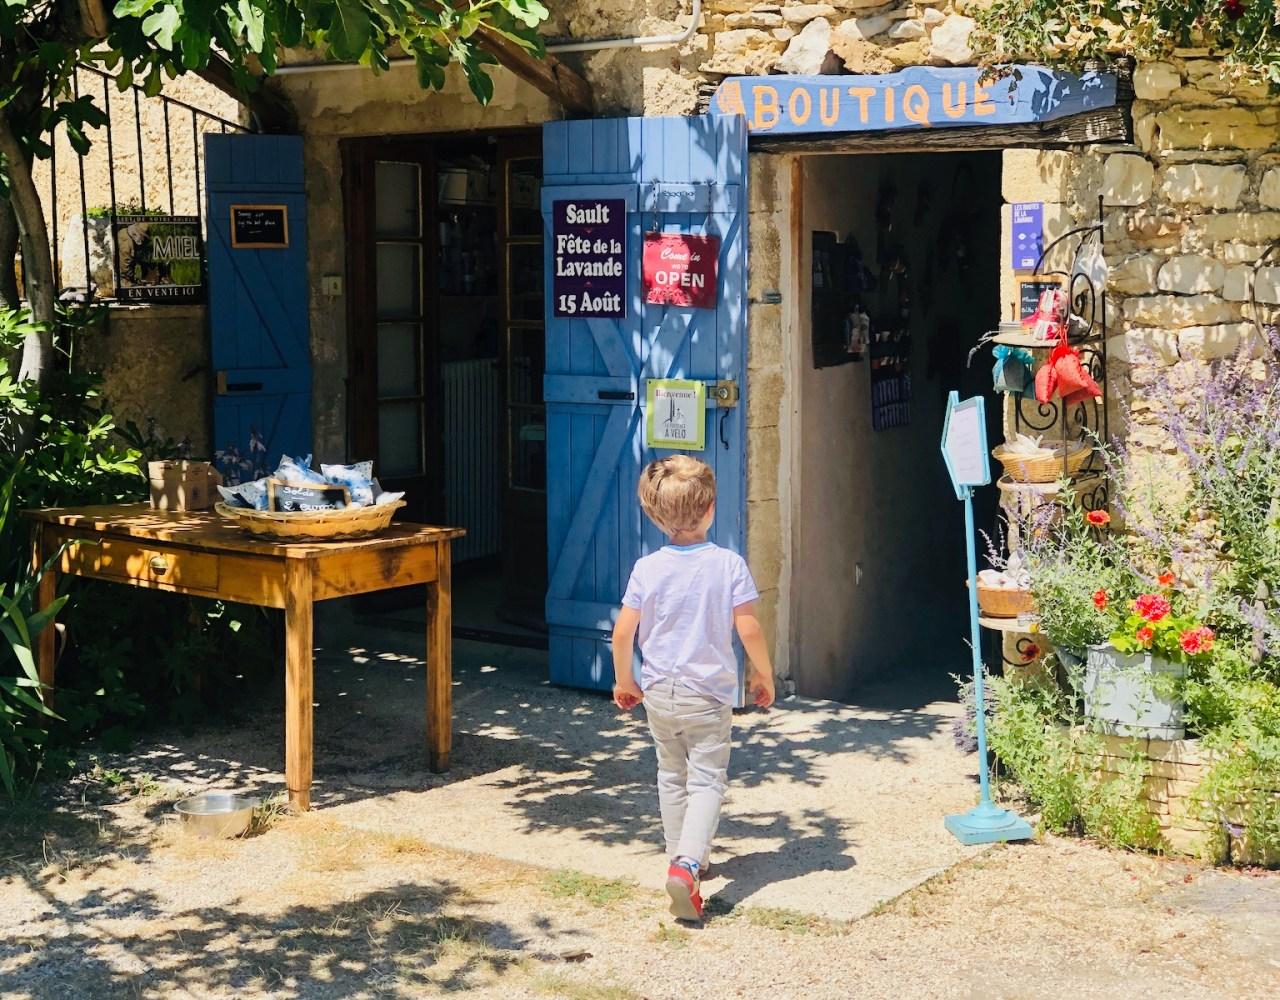 Enfant devant boutique